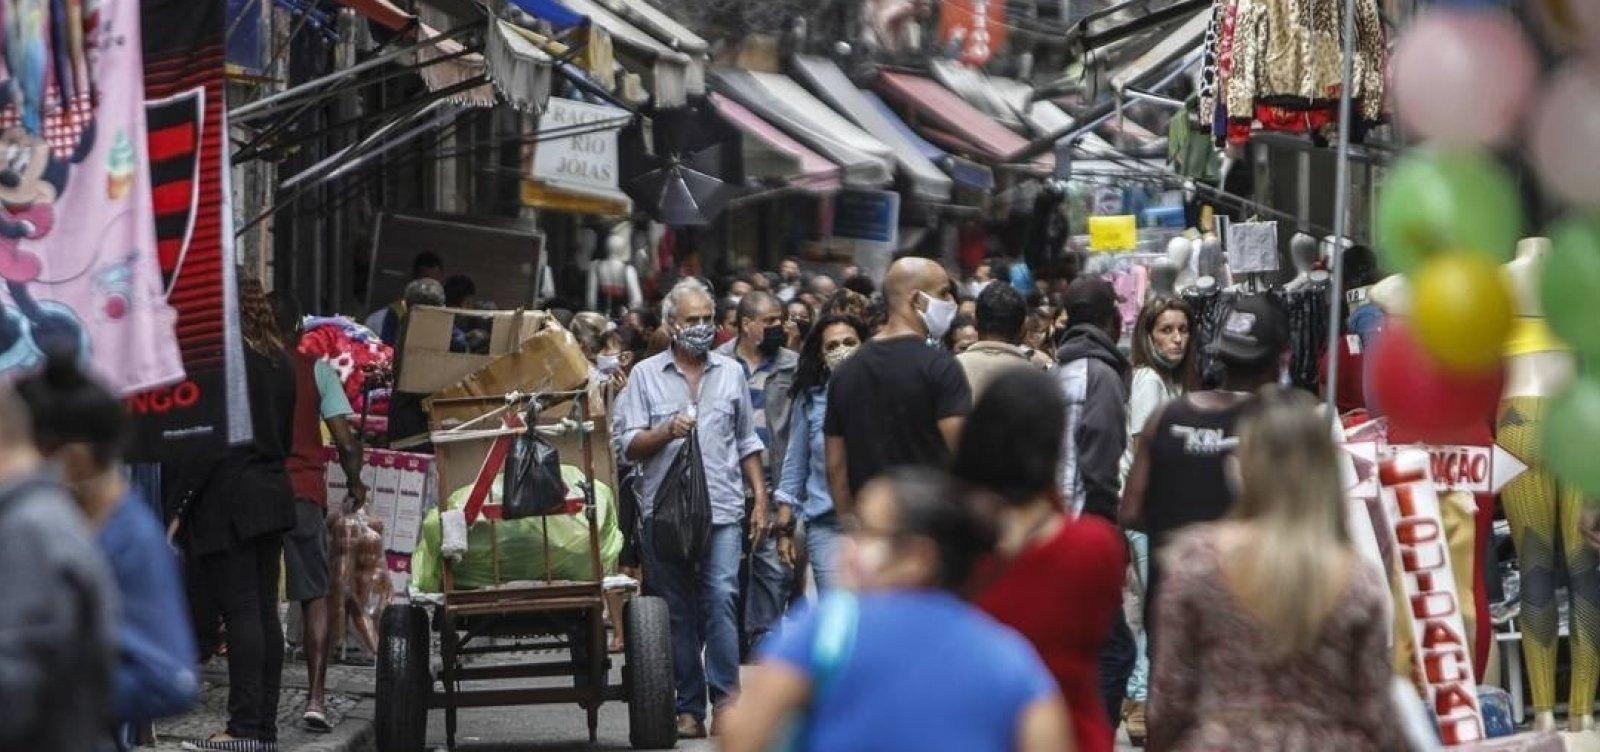 [Coronavírus: Brasil tem doses para vacinar ¼ da população prioritária no 1º trimestre]